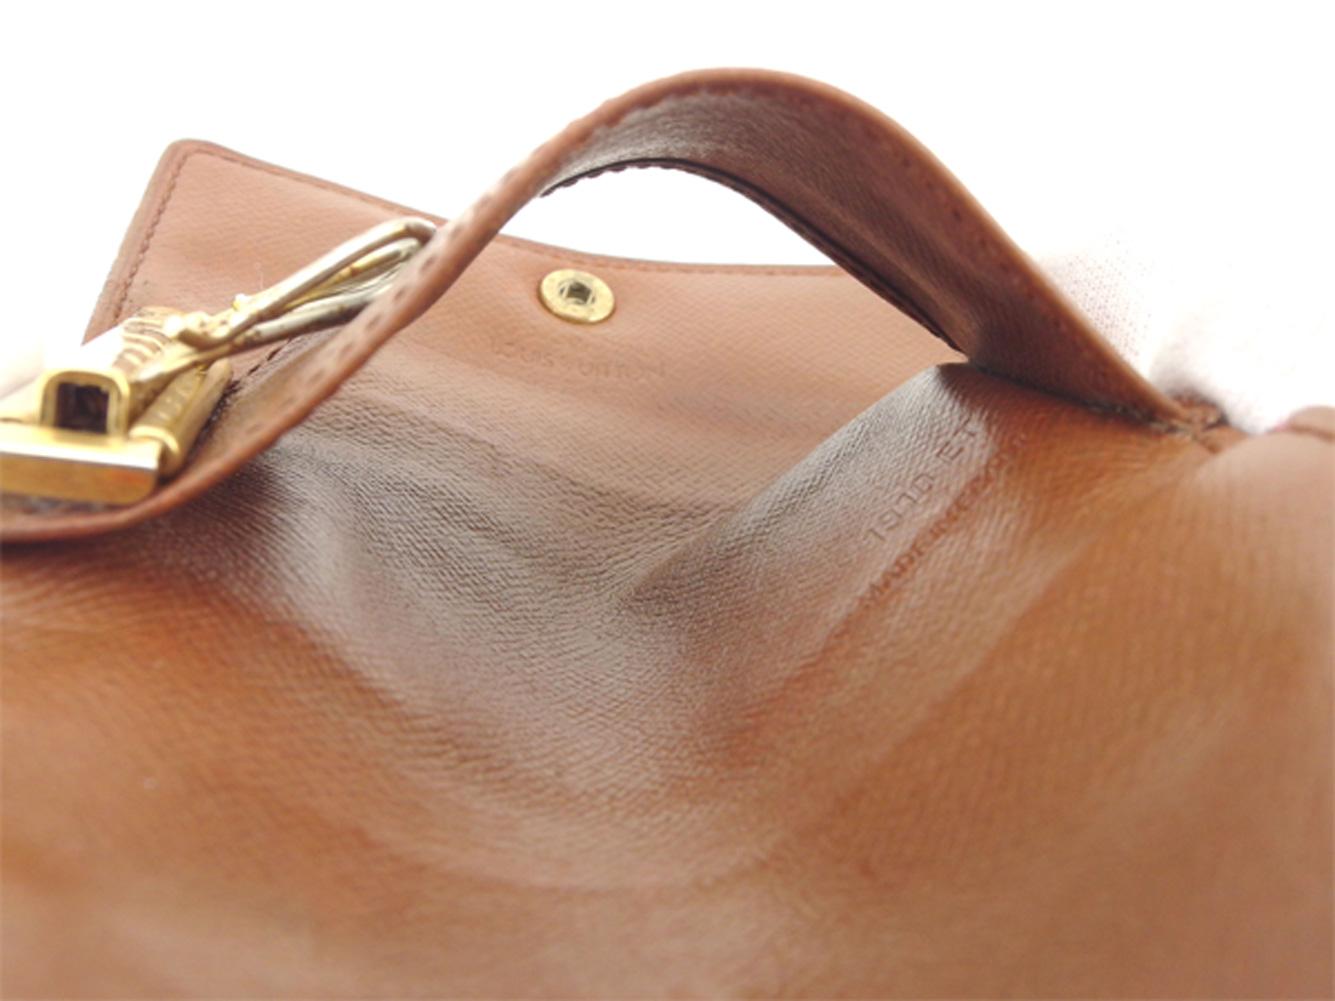 ファッションセール10 オフルイ ヴィトン Louis Vuitton キーケース 6連キーケース レディース メwN0m8nOv